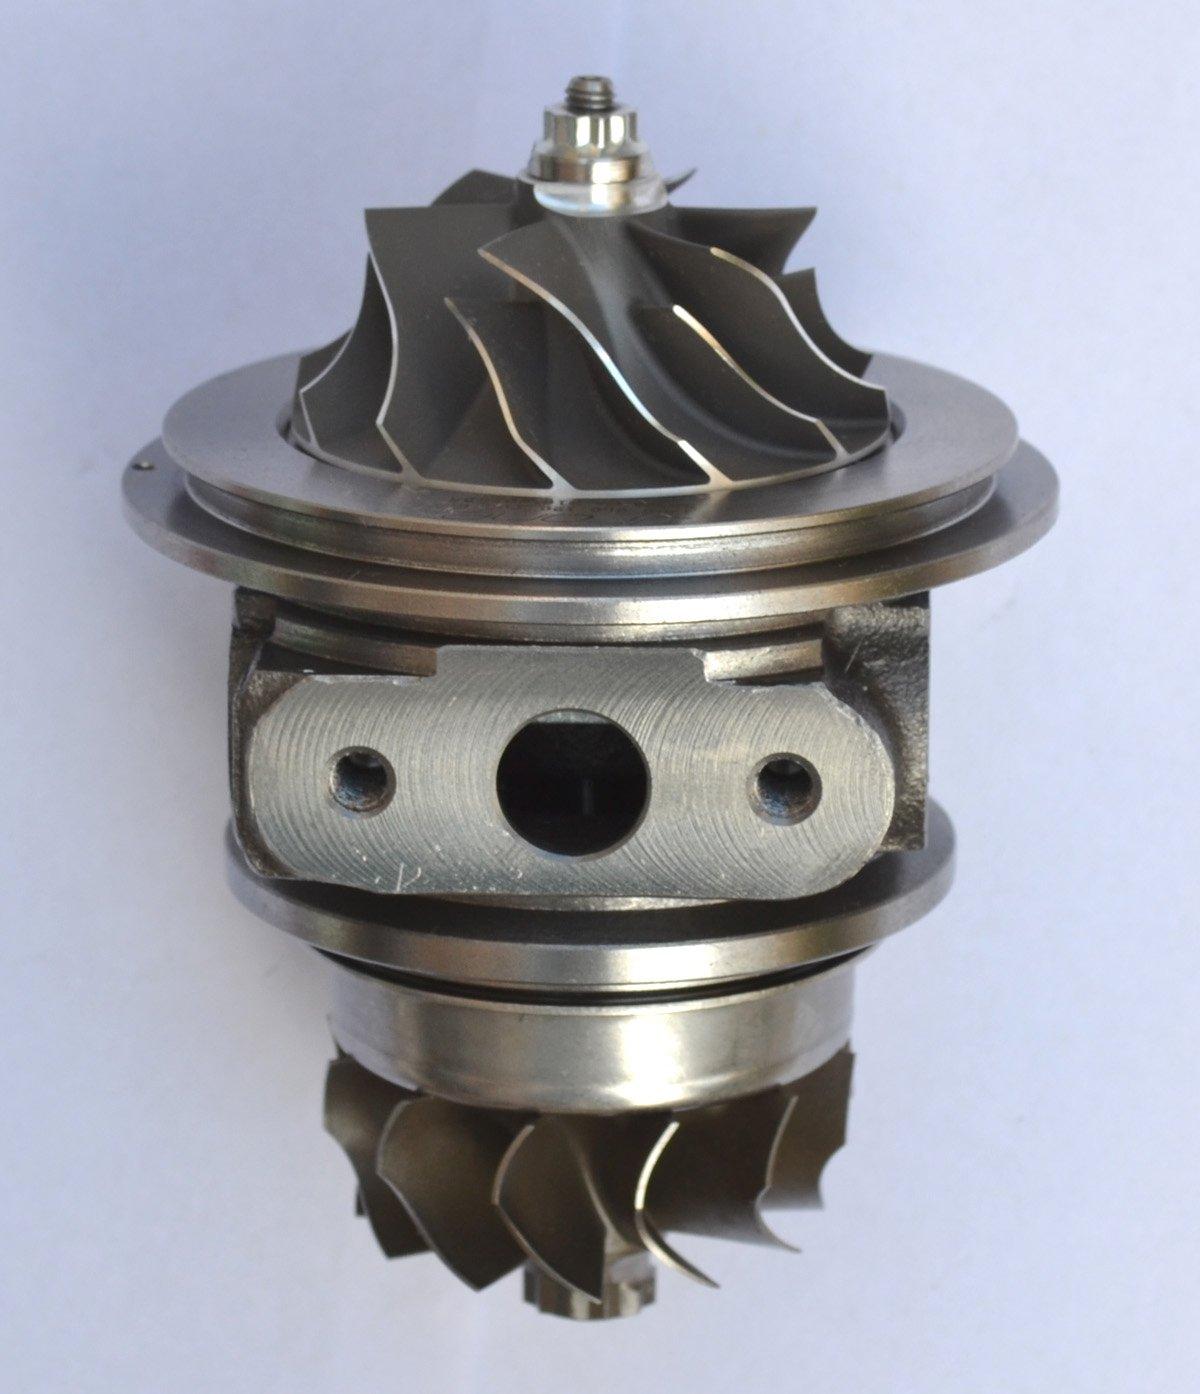 Amazon.com: Abcturbo Turbocharger Turbo Cartridge Core CHRA TD04HL-15T 49189-01800 9172180 55559825 for Saab 9-3 210HP 2.0L Saab 9-5 250HP 2.3L Engine B253R ...